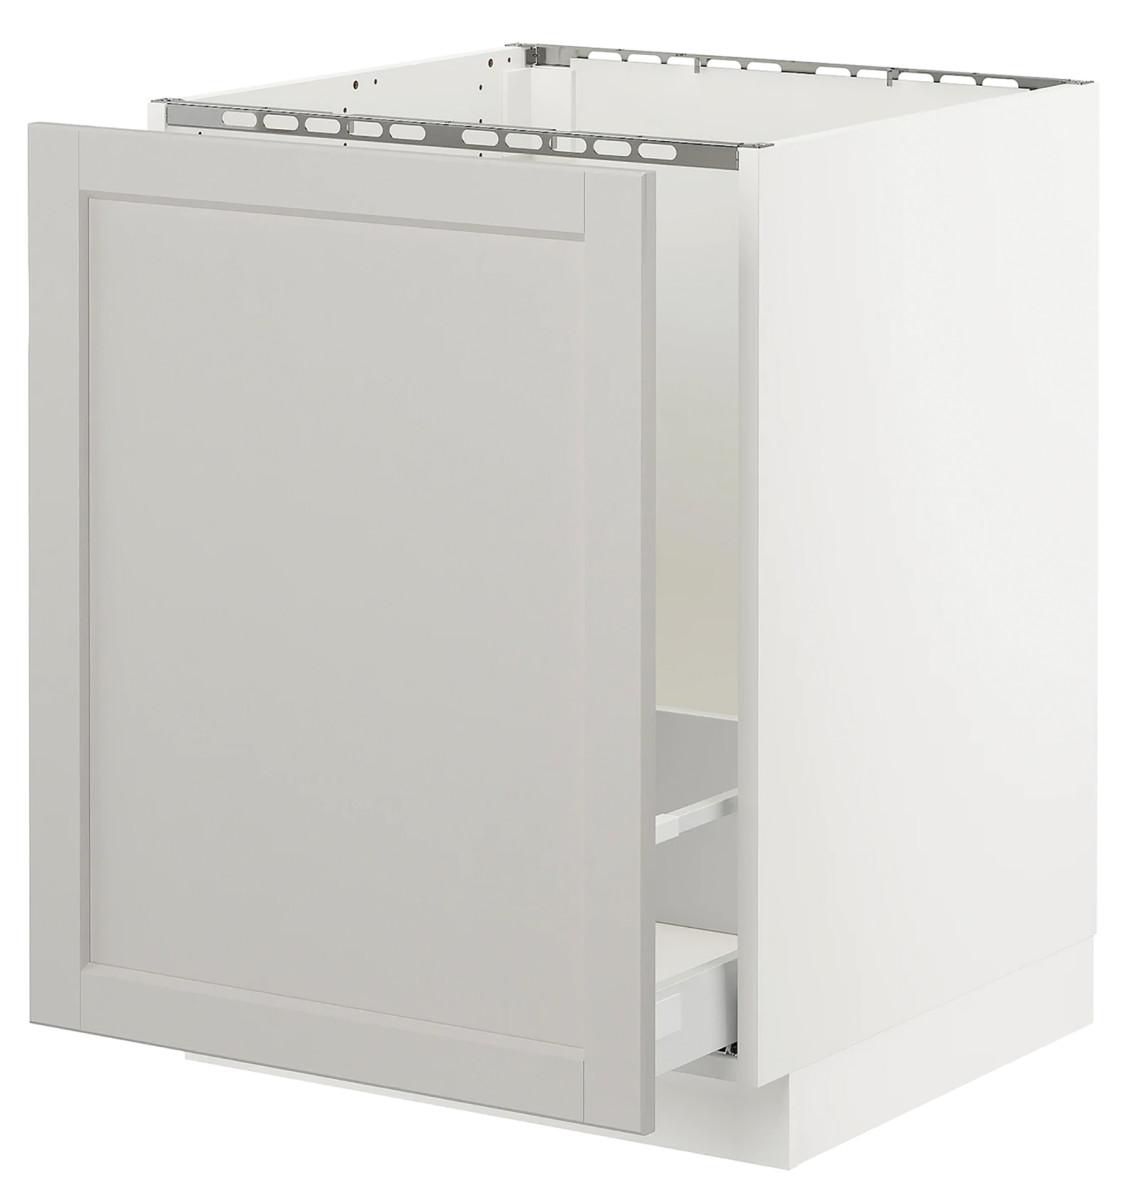 Ikea's new Sektion base cabinet.